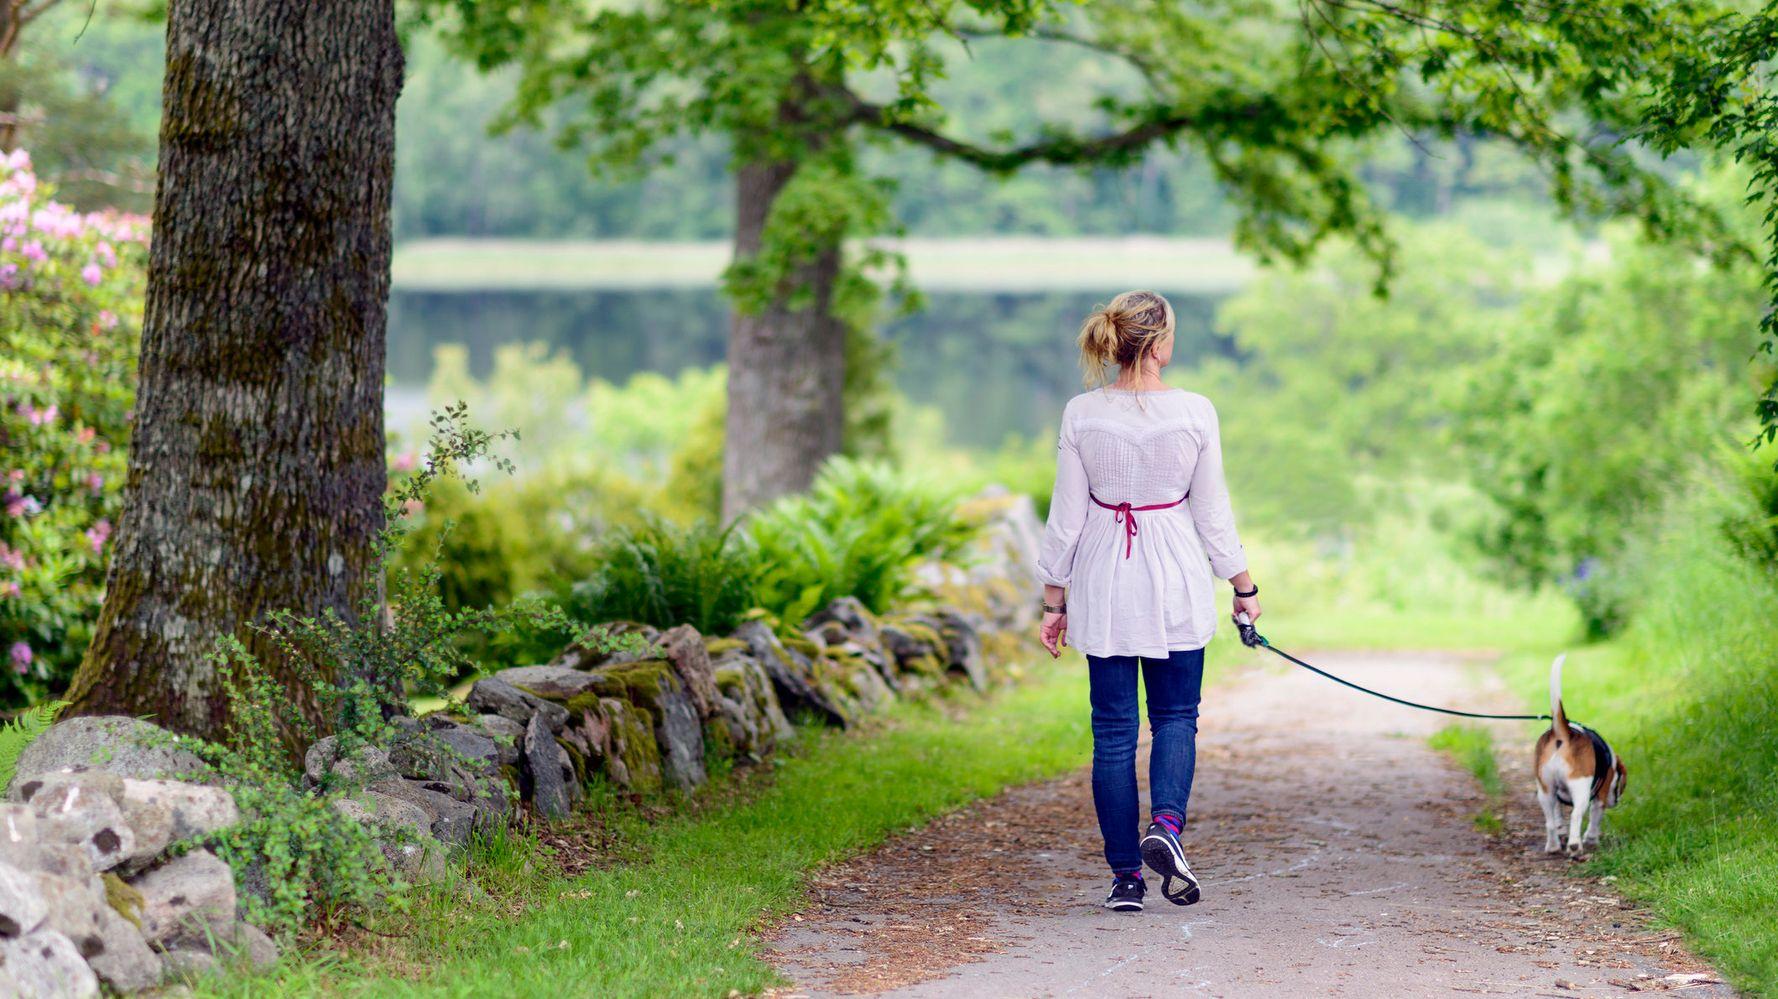 Человек на прогулке